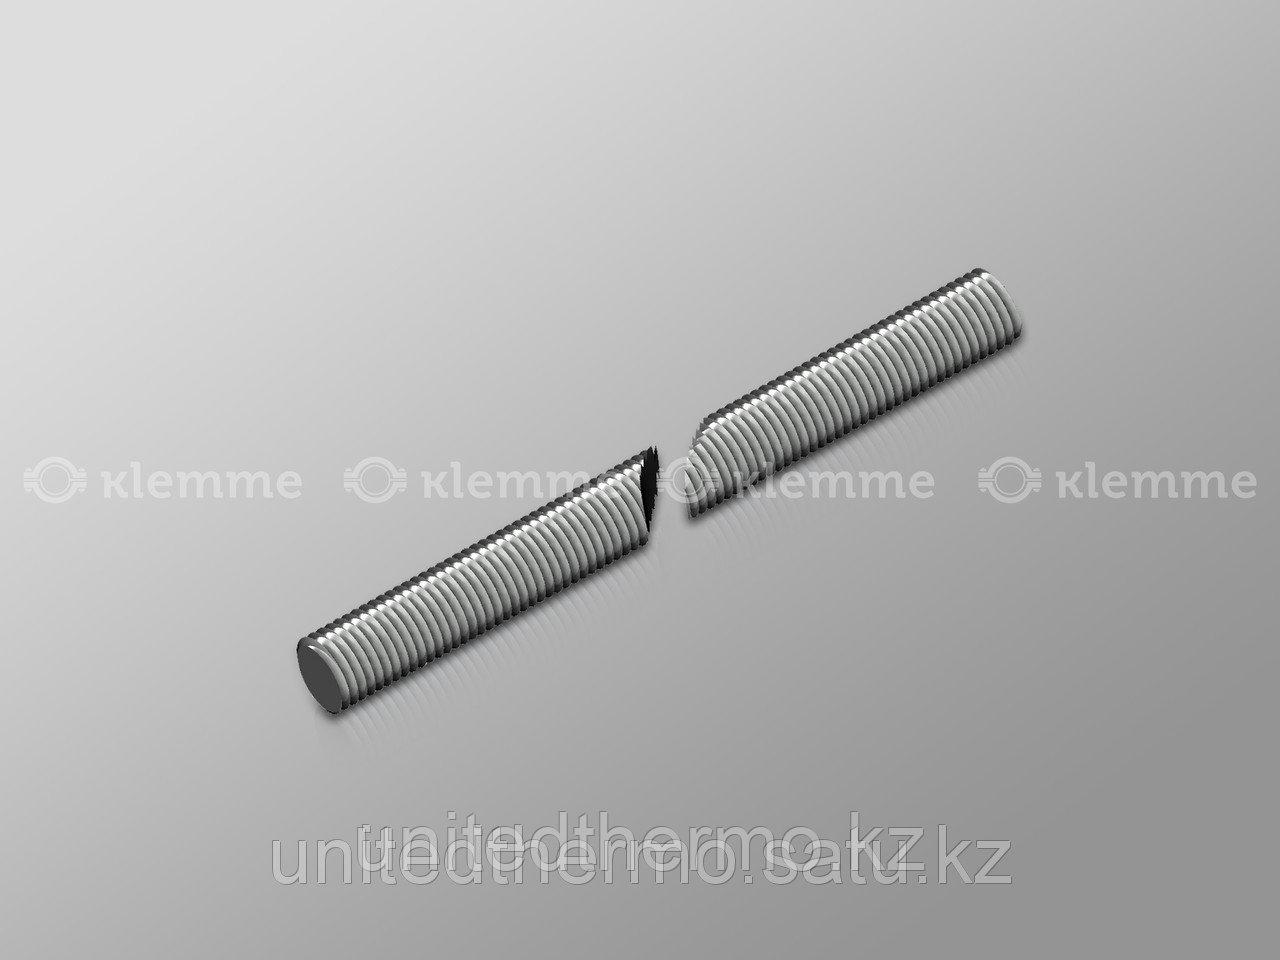 Шпилька резьбовая М8*2000мм.